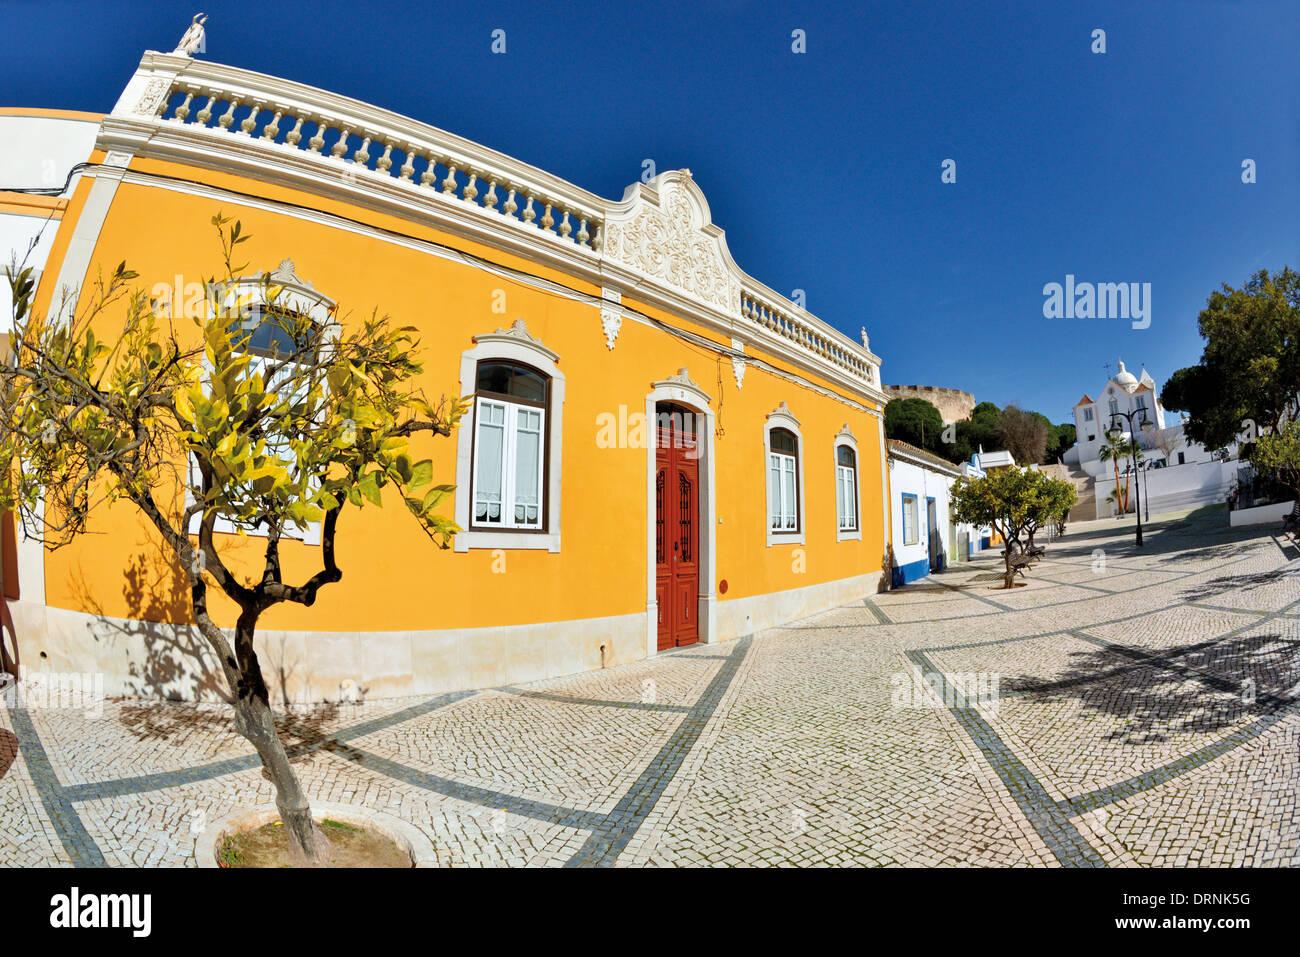 Portugal, Algarve: típica arquitectura en Praça 1 de maio en Castro Marim Imagen De Stock